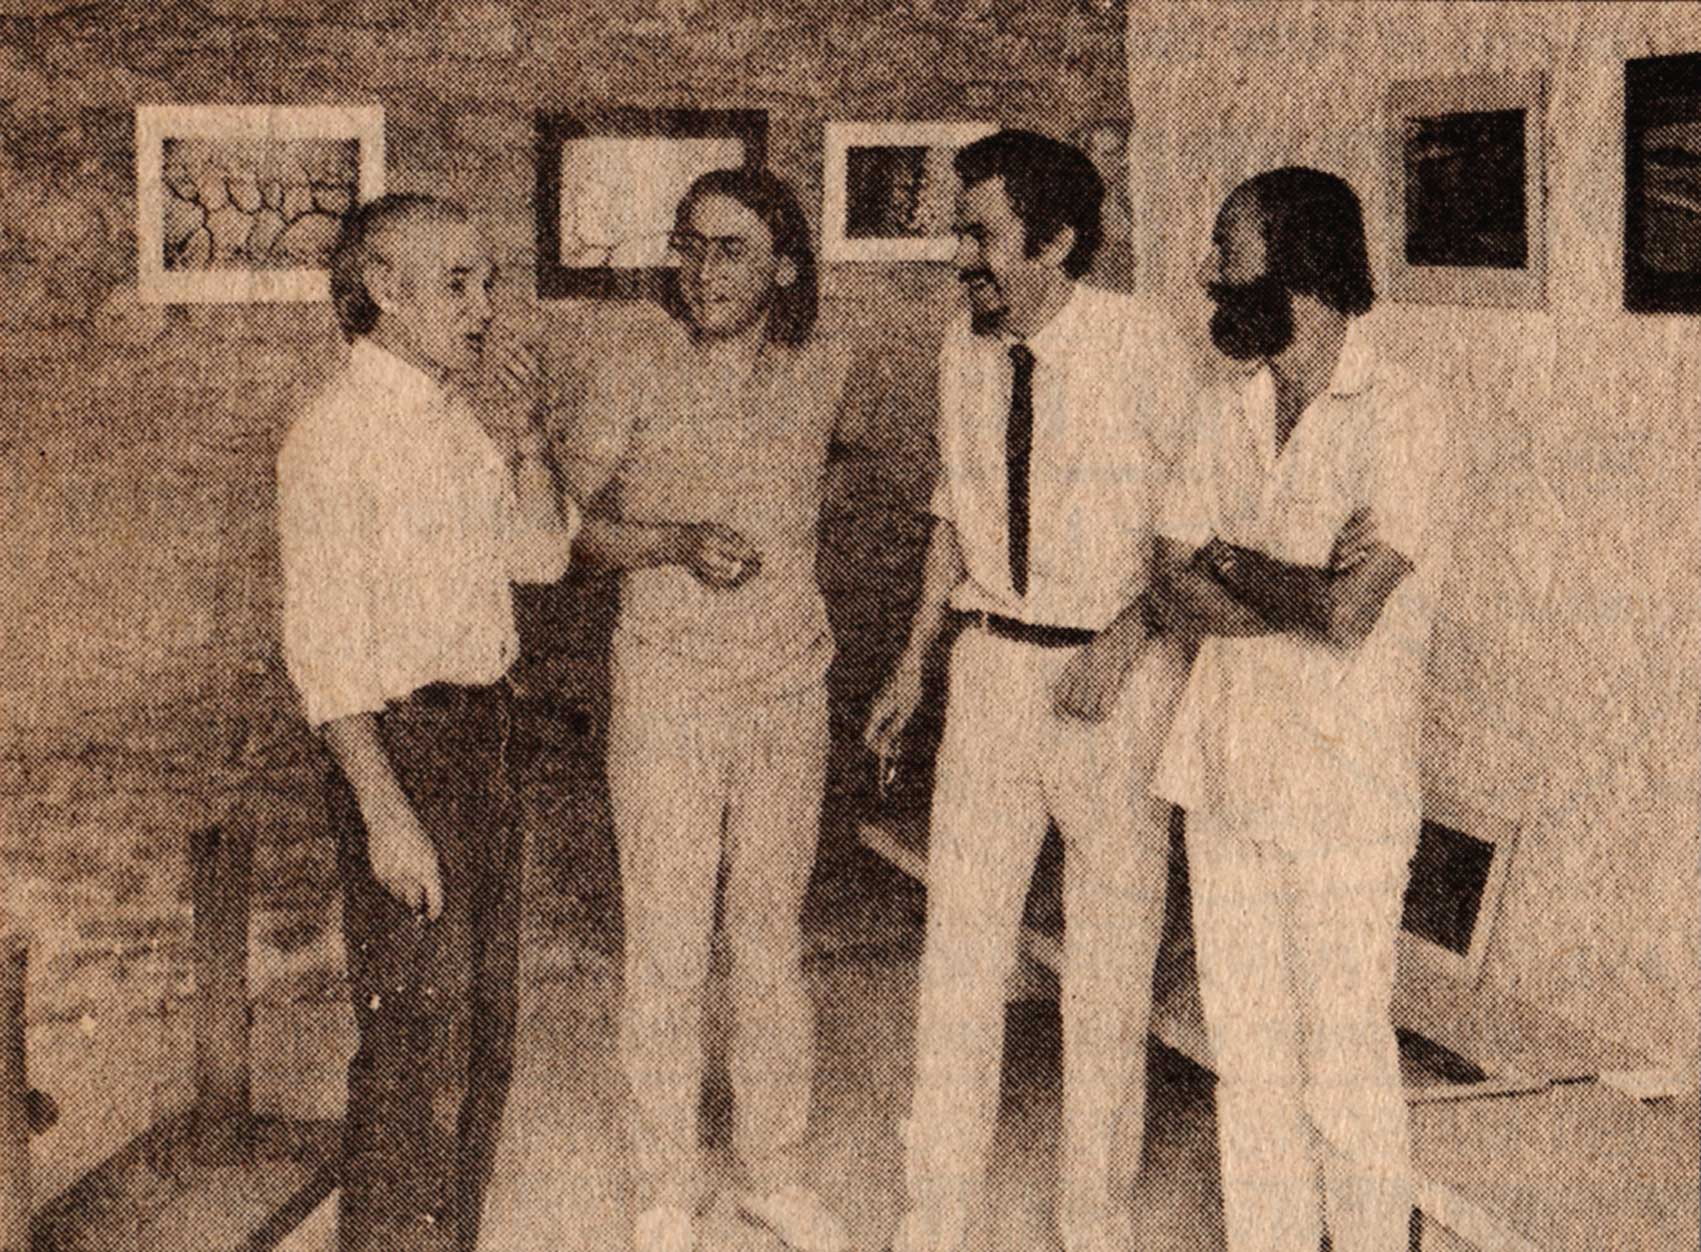 Gustave Tiffoche, P.-J. Buffy, Paul Morin et Bernard Neau dans la galerie de Tiffoche, L'Orée, juillet 83